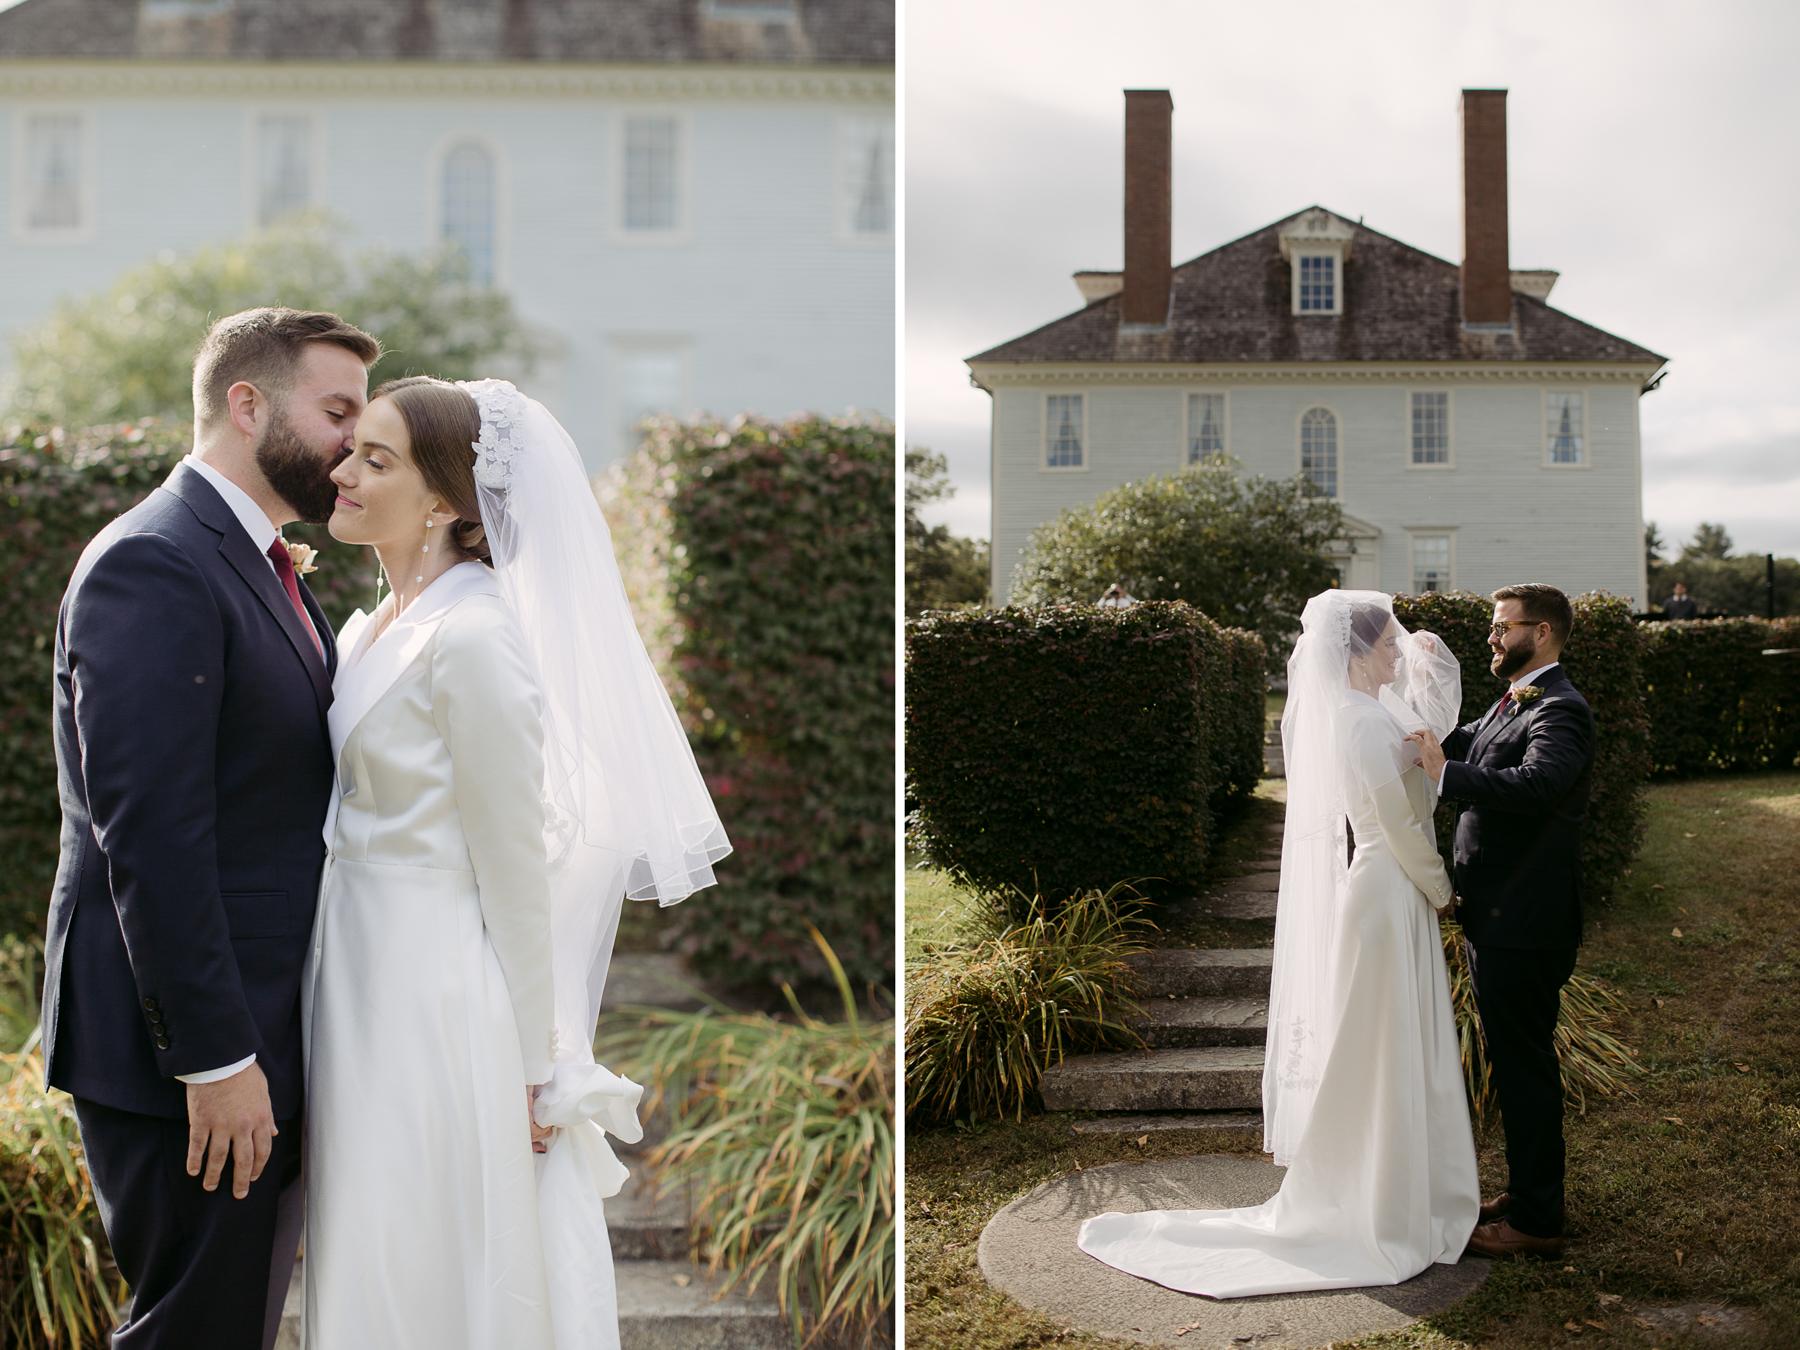 Hamilton_House_wedding_maine_Leah_Fisher_Photography-8.jpg